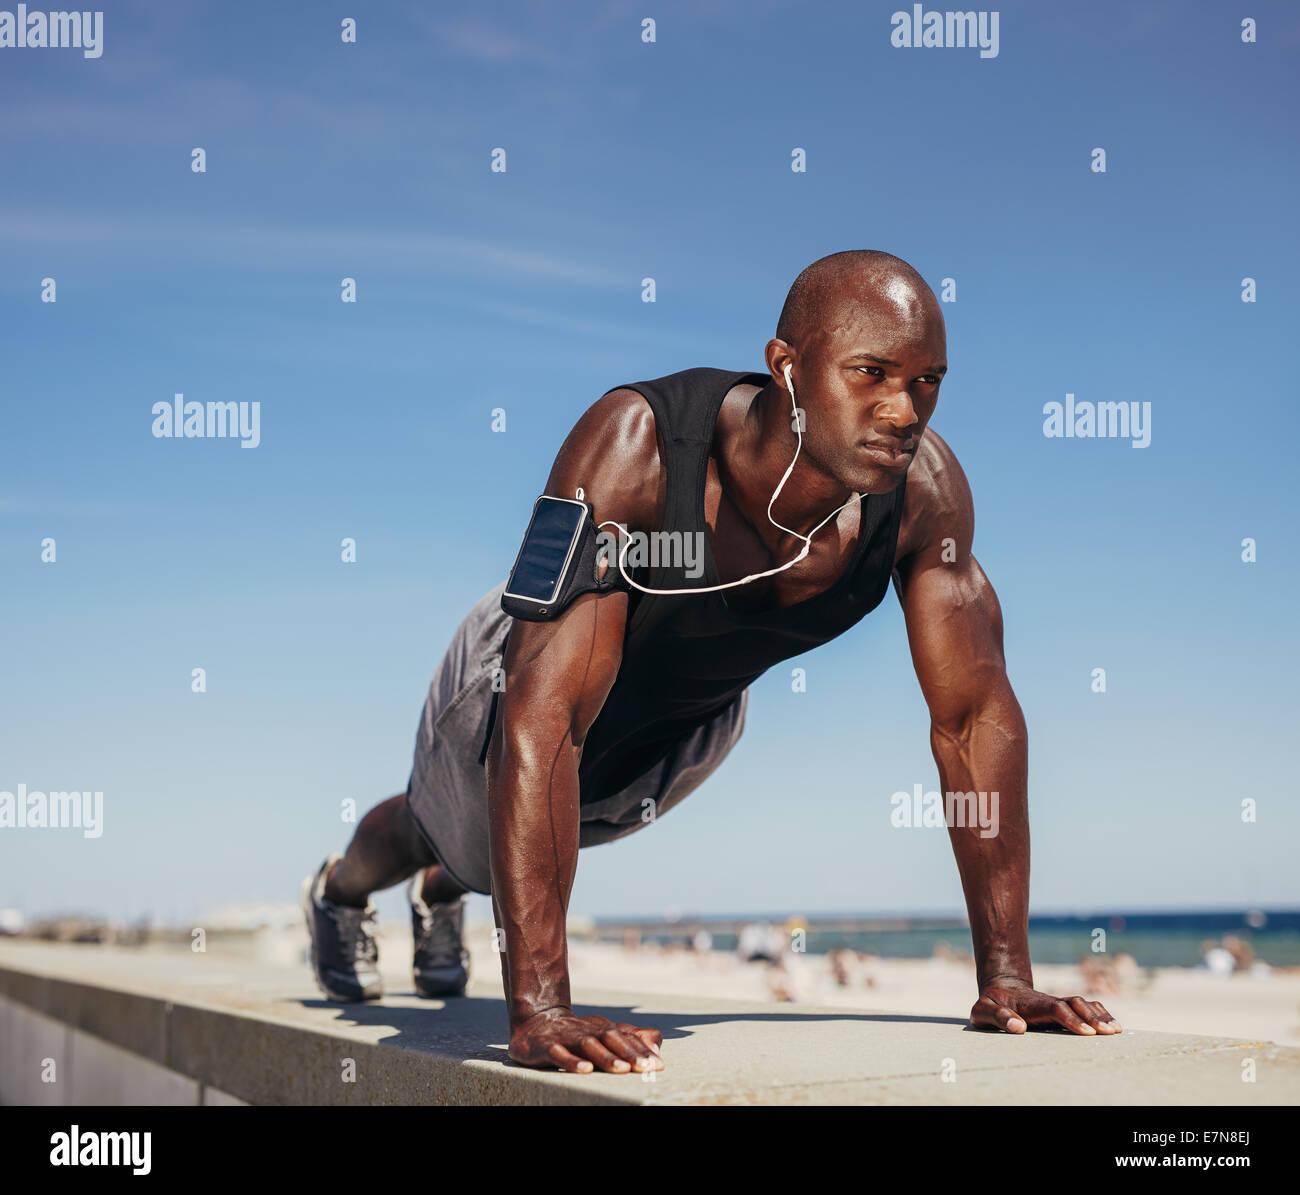 L'homme musclé faire poussez se lève contre le ciel bleu. Athlète masculin solide de l'extérieur. Photo Stock